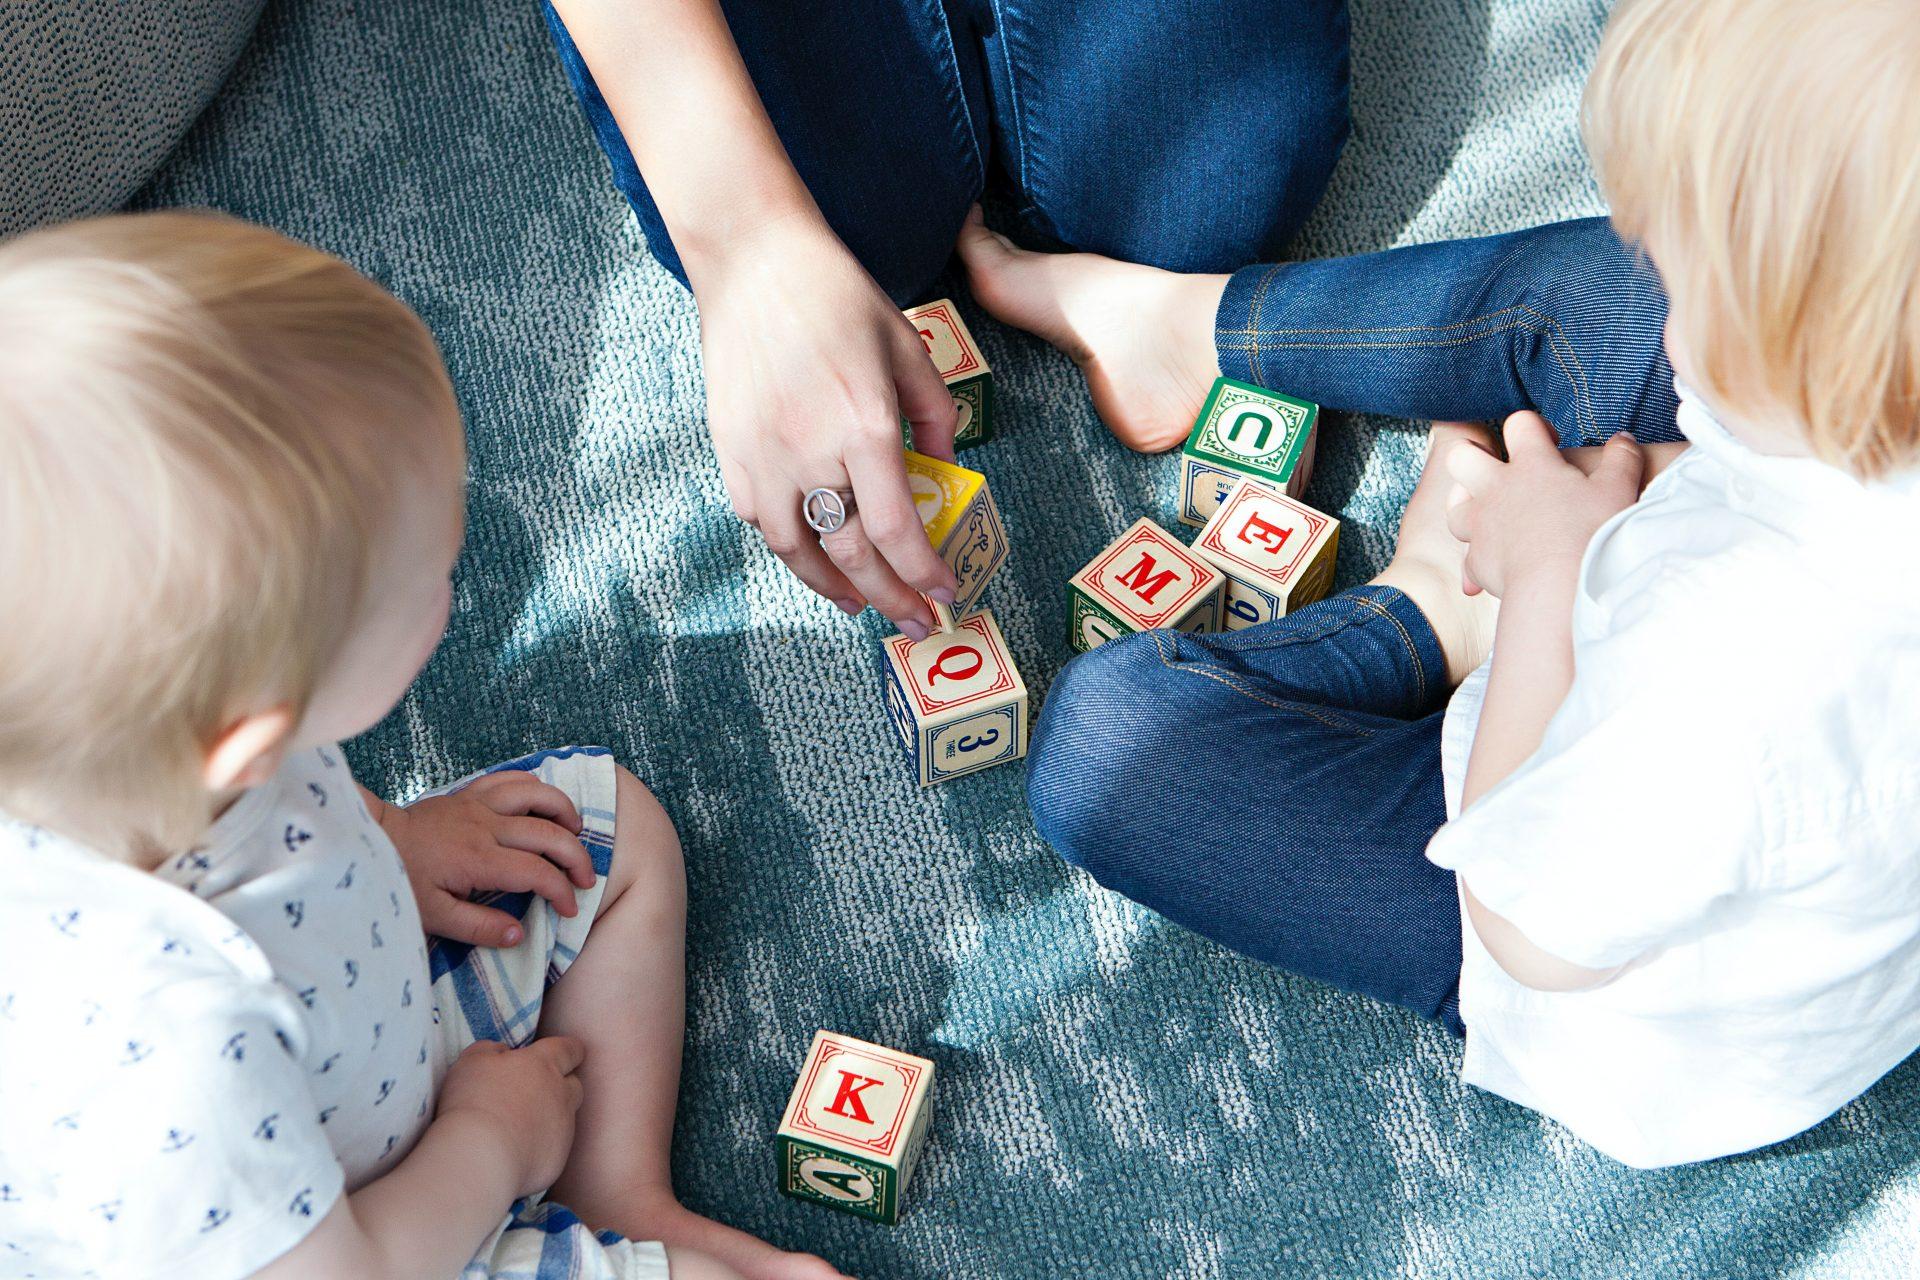 Zwei Kleinkinder spielen auf dem Boden mit Bauklötzen. Die Hände eines Erwachsenen sind zu sehen.